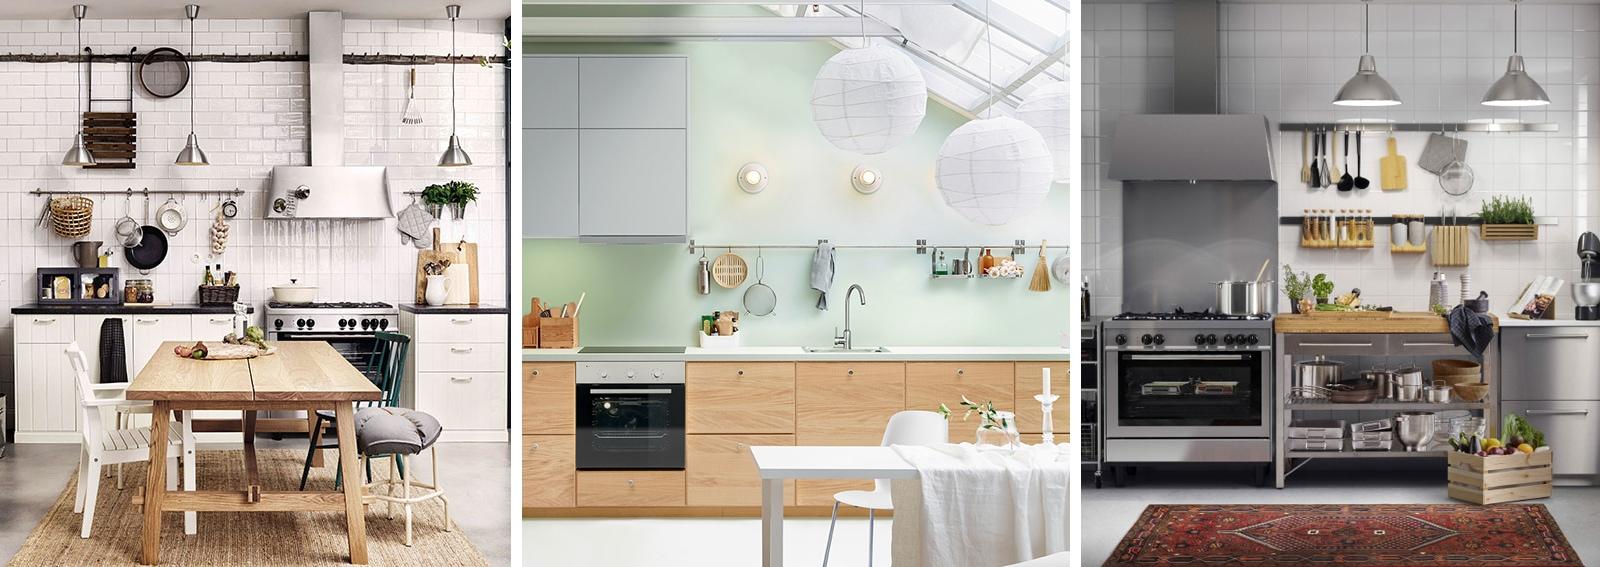 cucine ikea: i modelli più belli - grazia.it - Cucine Acciaio Ikea